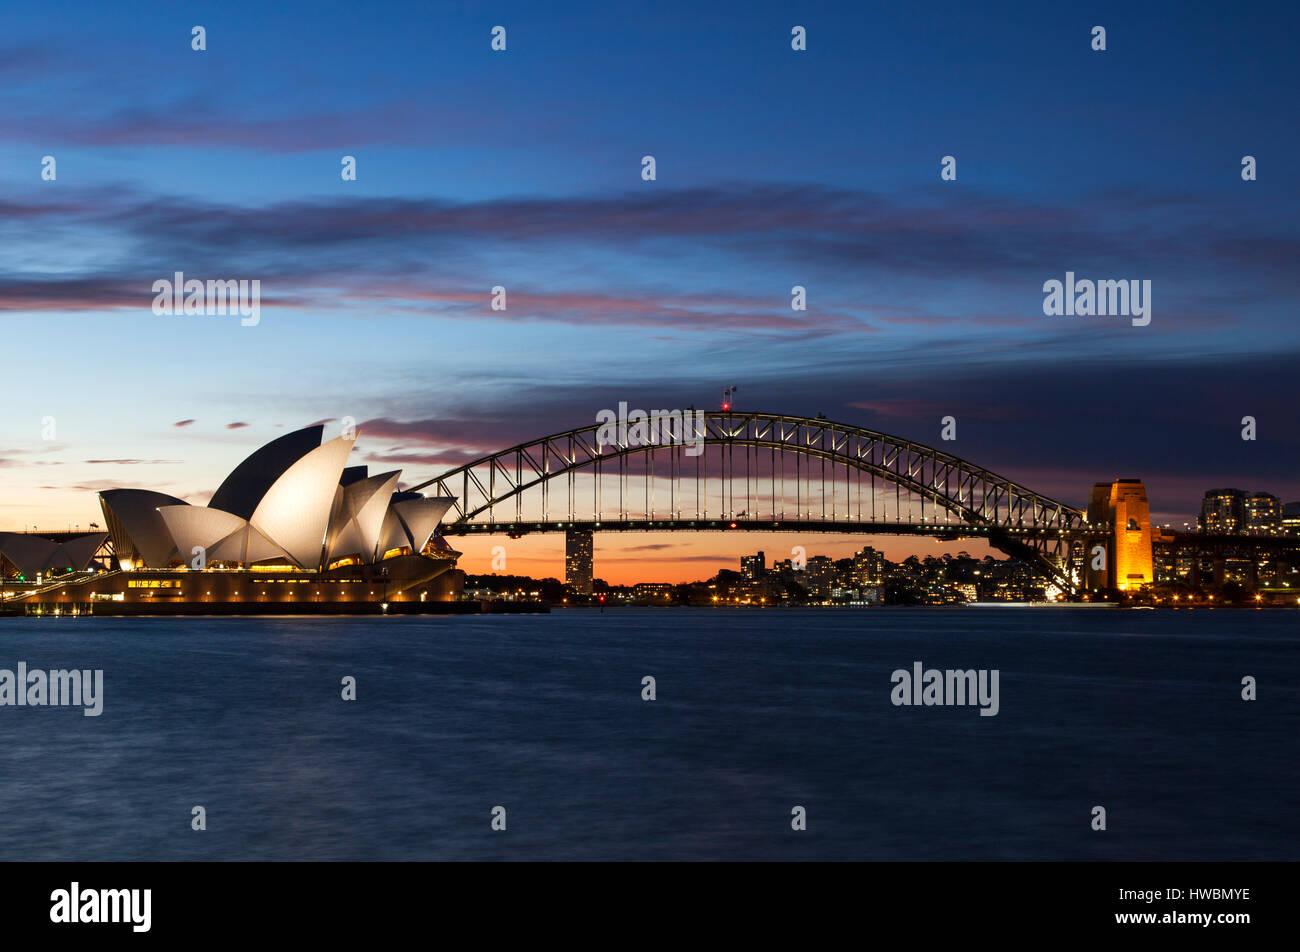 Opéra de Sydney et le Harbour Bridge at Dusk, Sydney, Australie Photo Stock